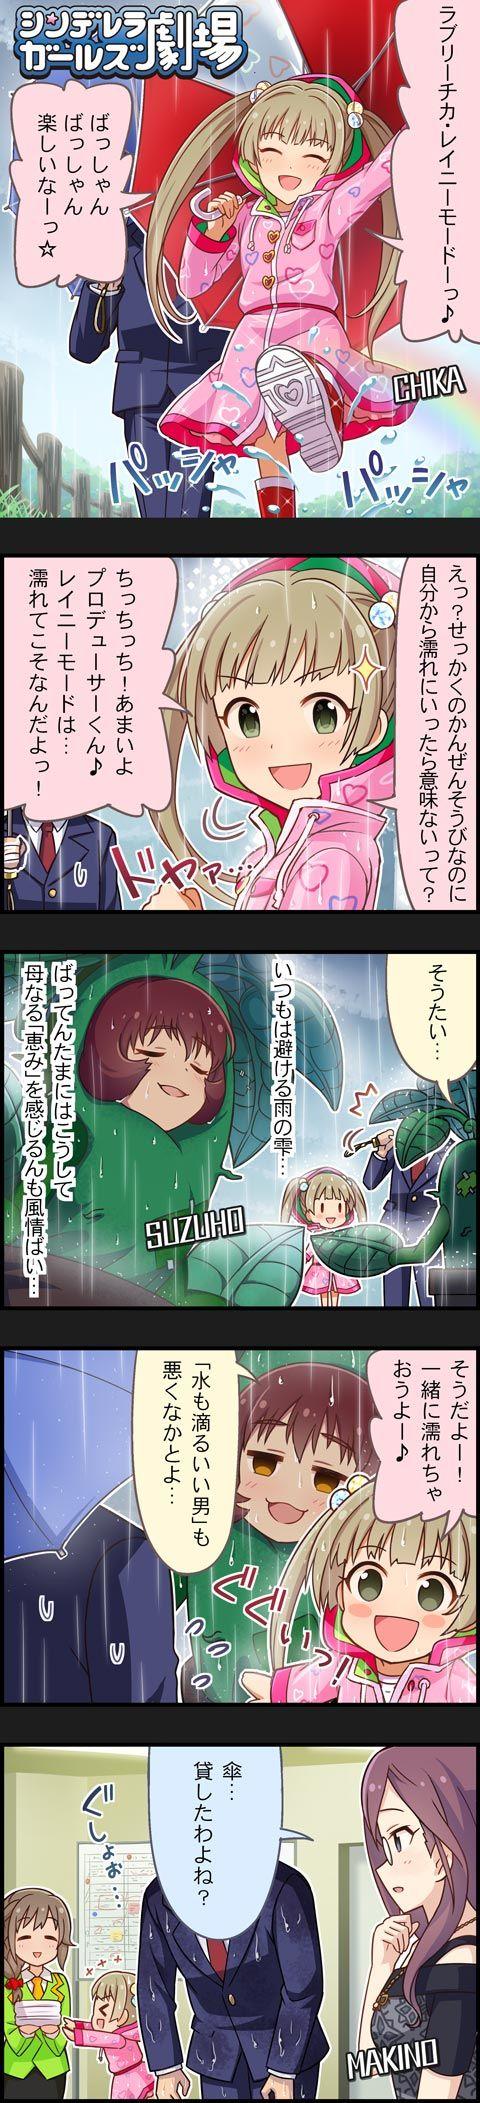 【第726話】雨の中へお誘い